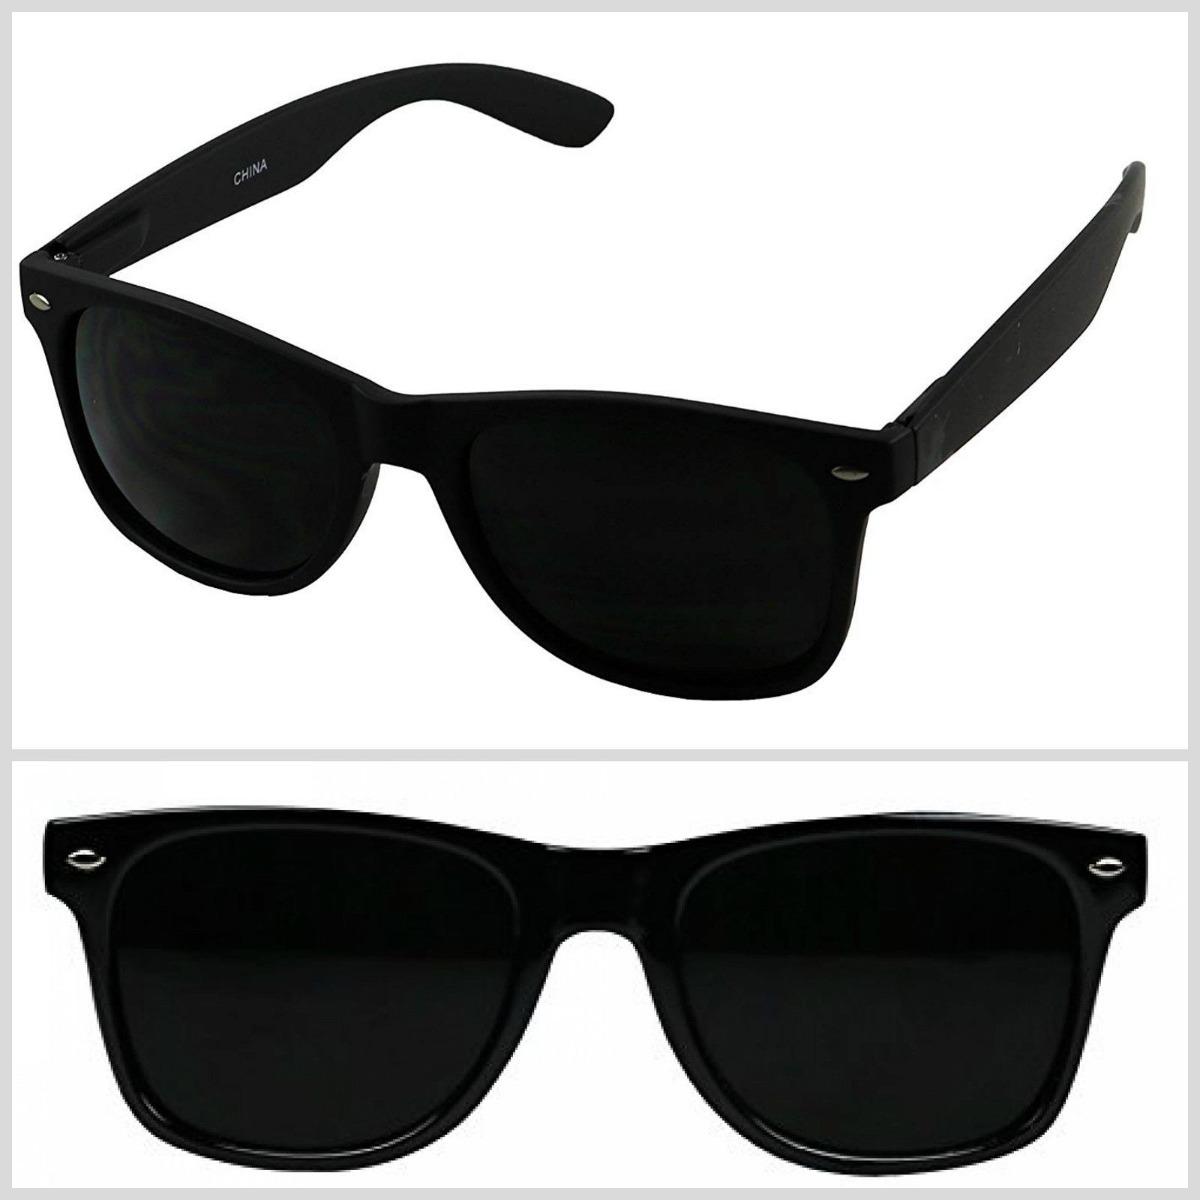 50efc33adf gafas de sol retro vintage años 80 lentes oscuro negro. Cargando zoom.